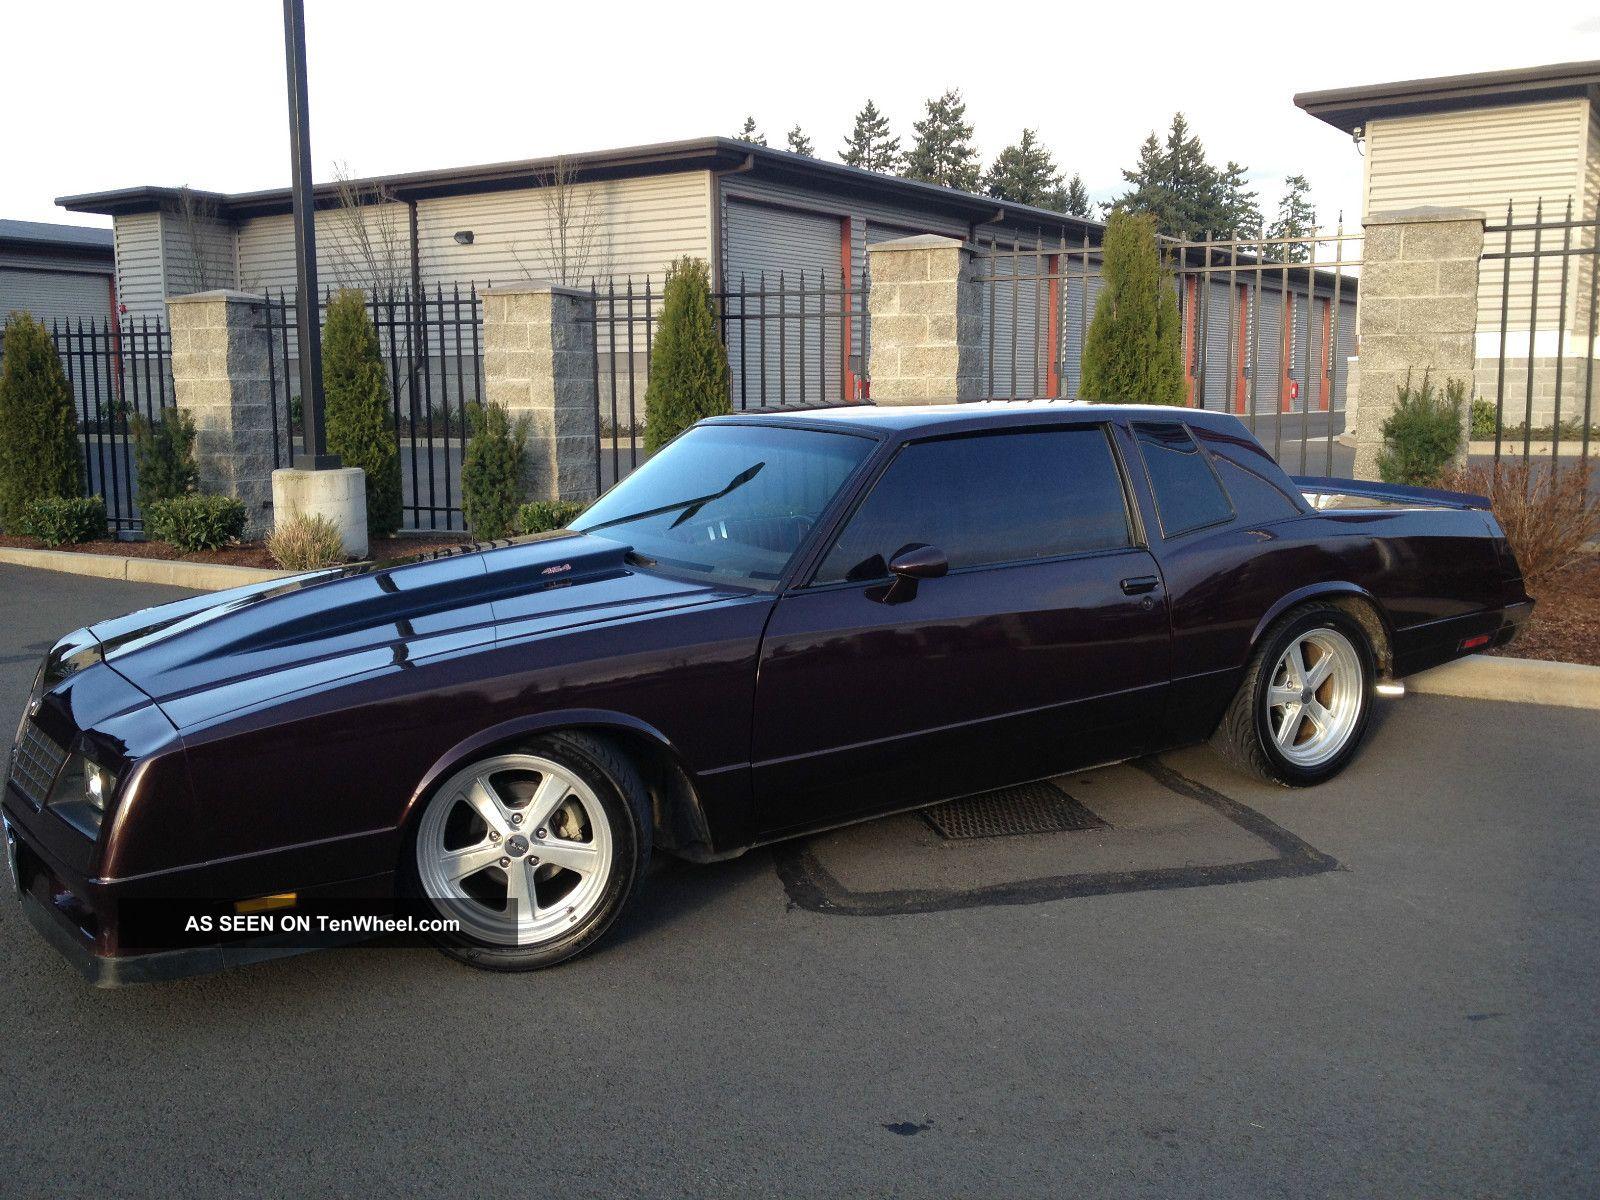 1985 Chevy Monte Carlo Ss Resto Retro Mod Old School Big Block 454 ...